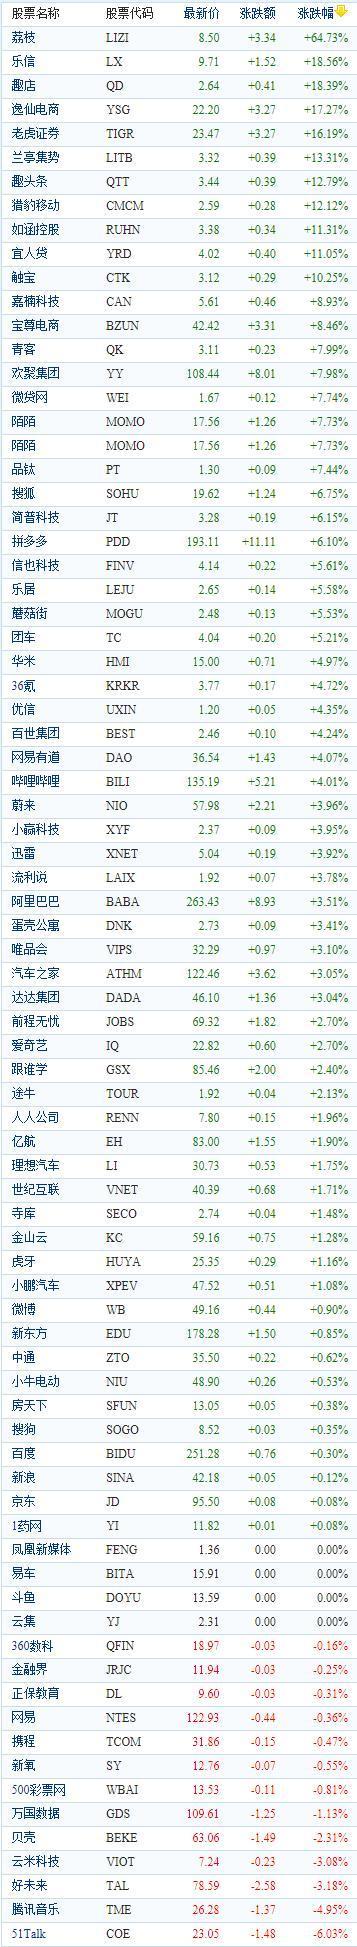 中国概念股周三收盘多数上涨 逸仙电商上涨17.27%报收22.20美元